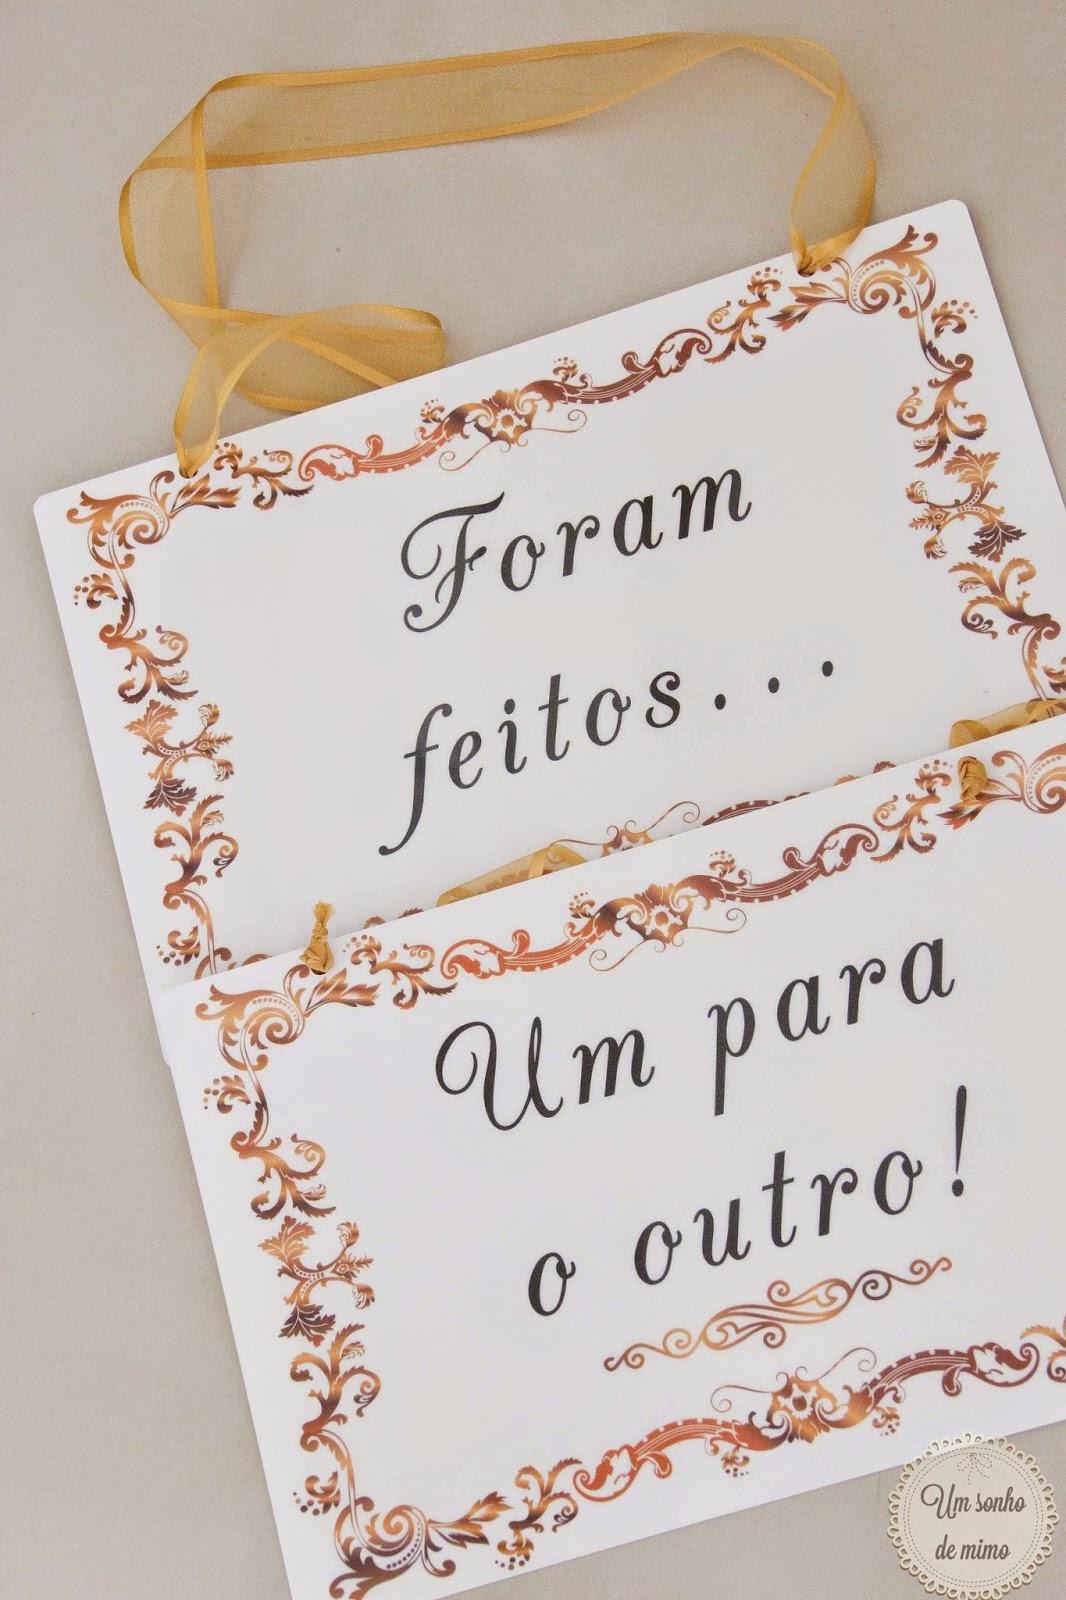 placa casamento, placa casamento bh, placa dama bh, casamento bh, casando em bh